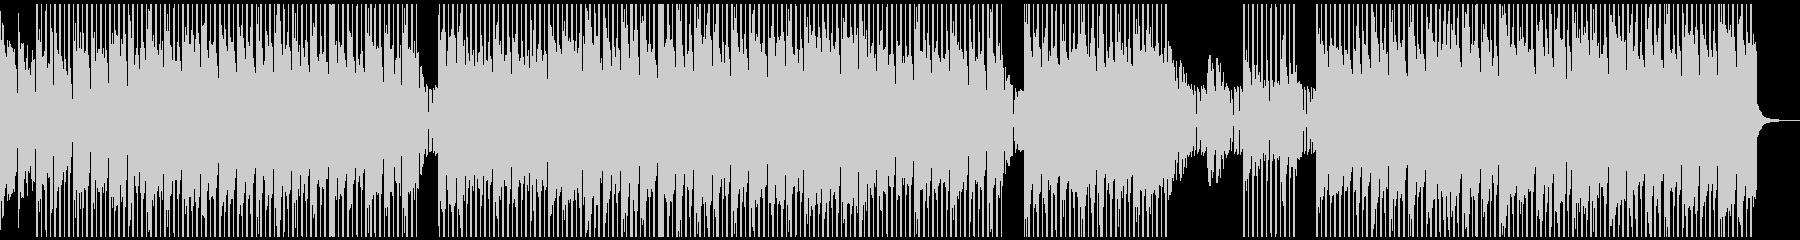 クールな雰囲気のテクノポップの未再生の波形